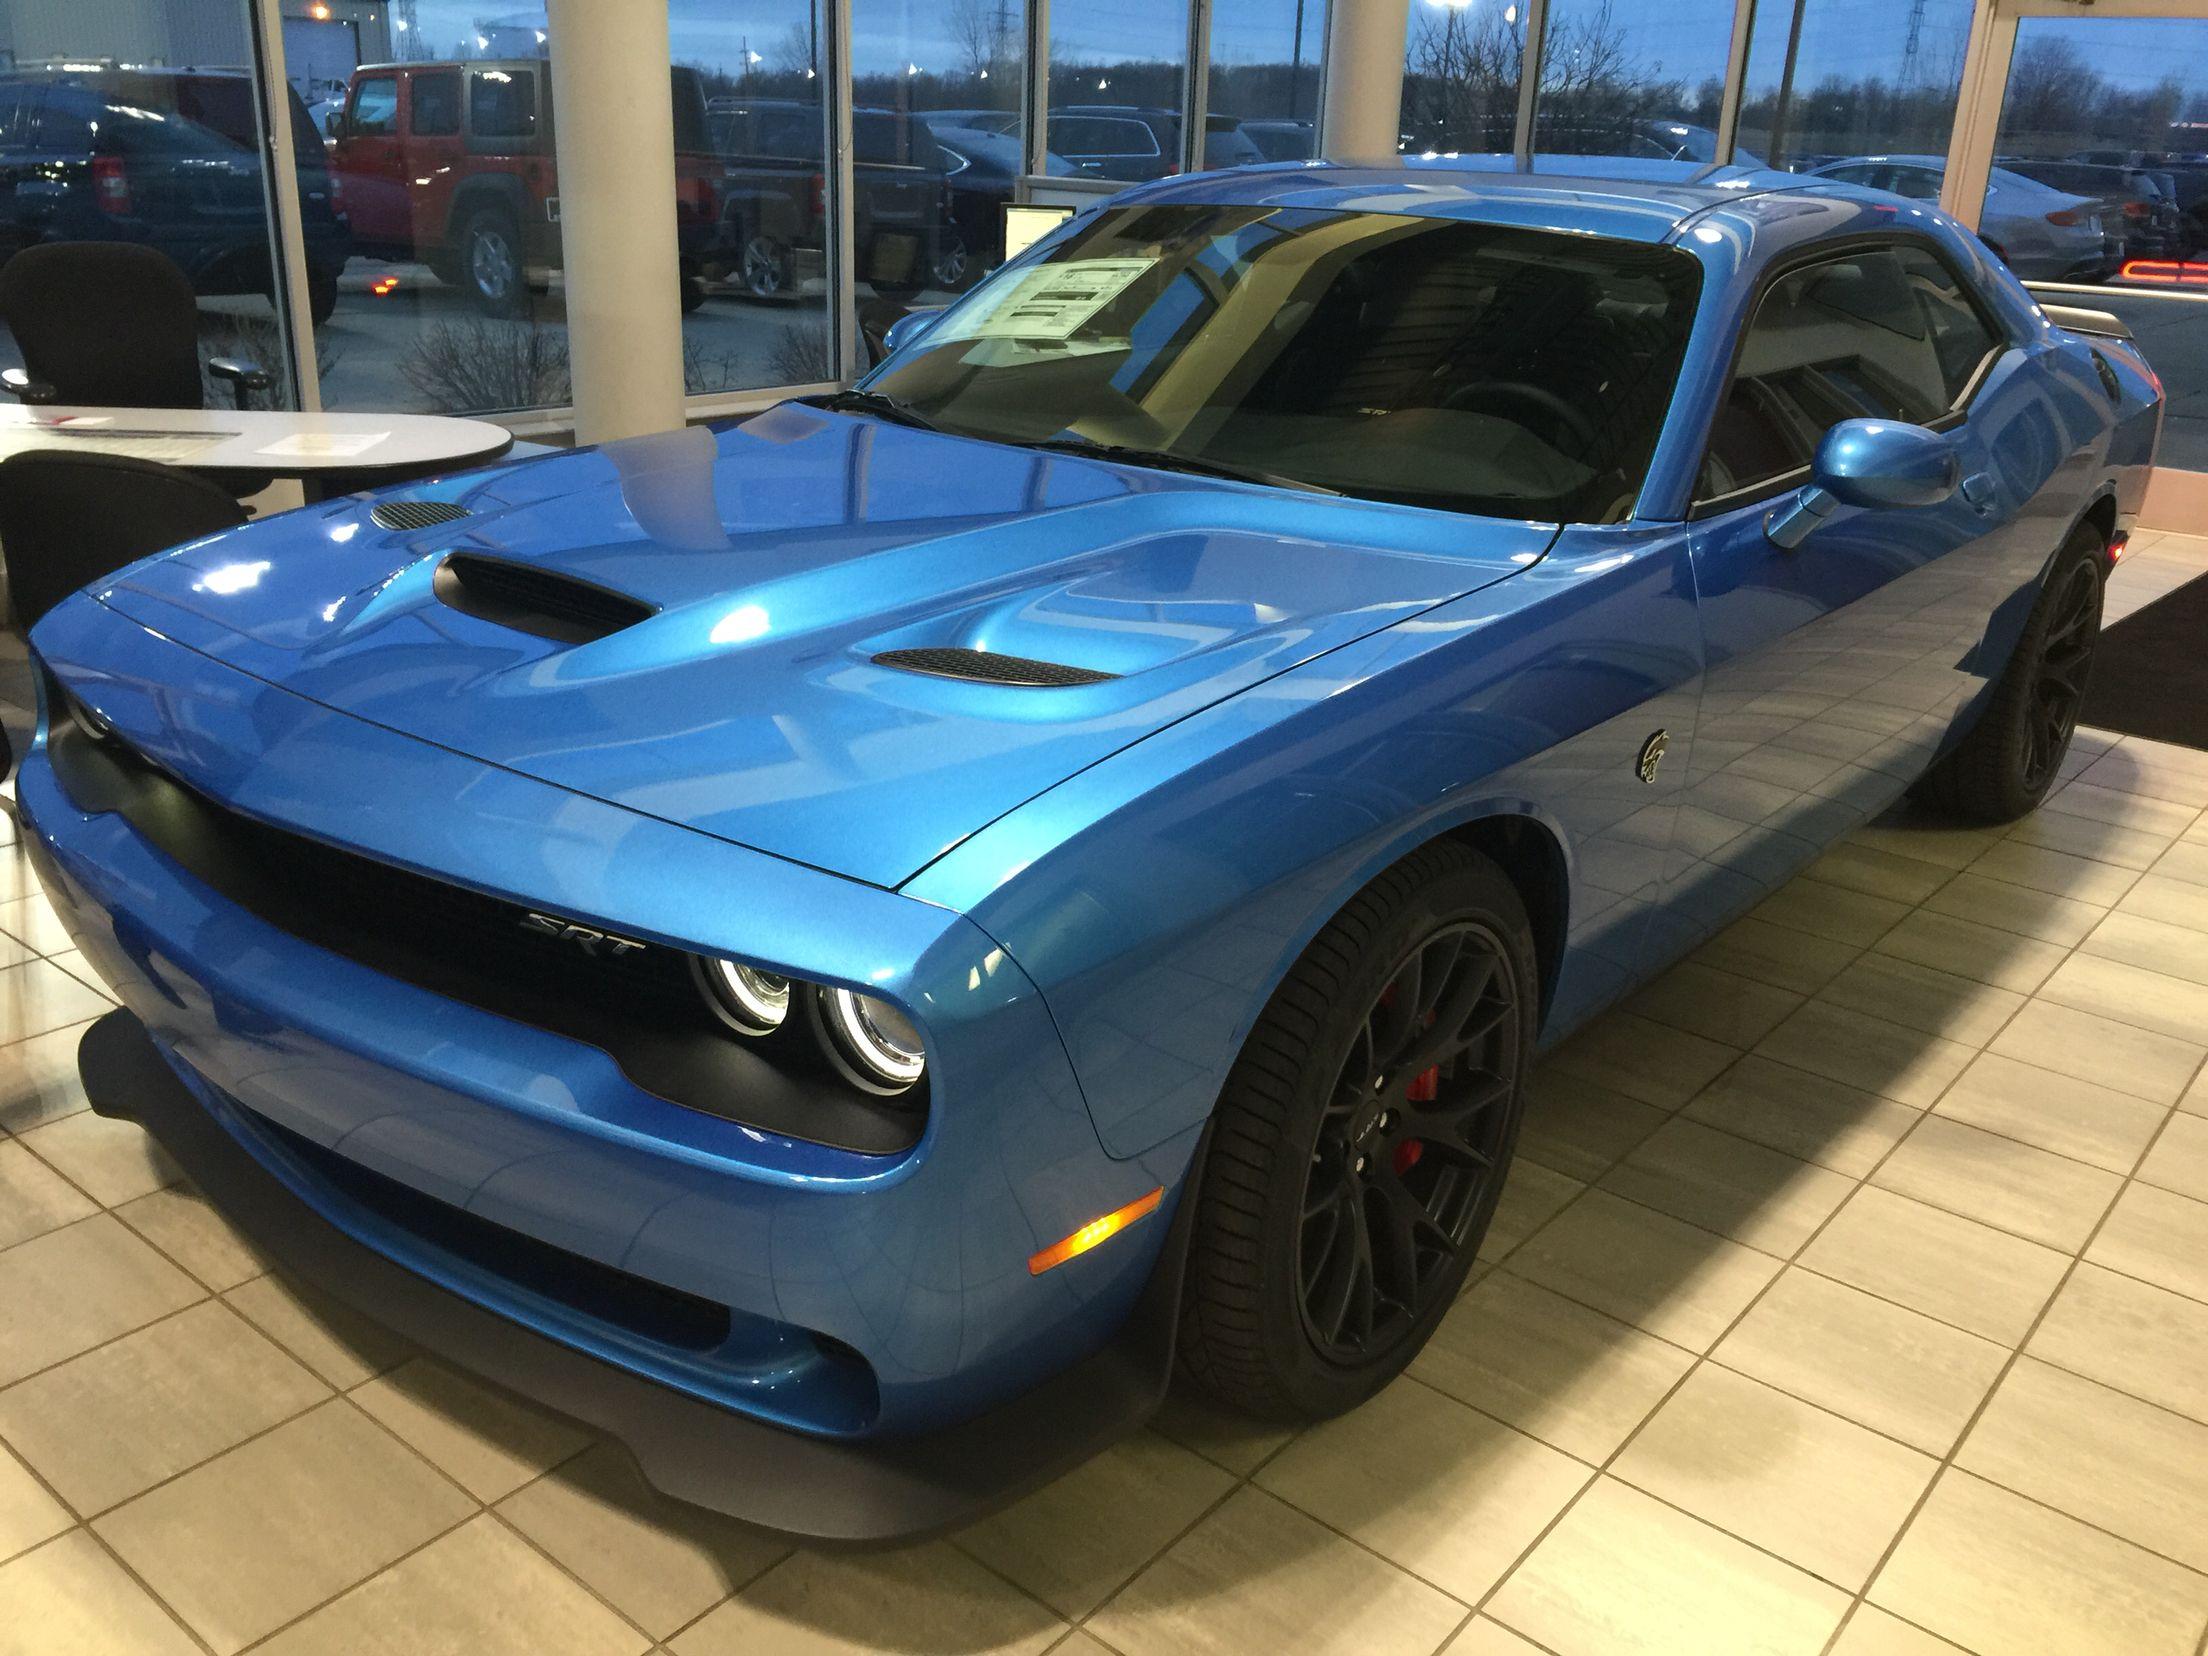 Dodge Challenger Hellcat Blue >> 2015 Dodge Challenger Hellcat B5 Blue At Mcinerneys Chrysler Jeep